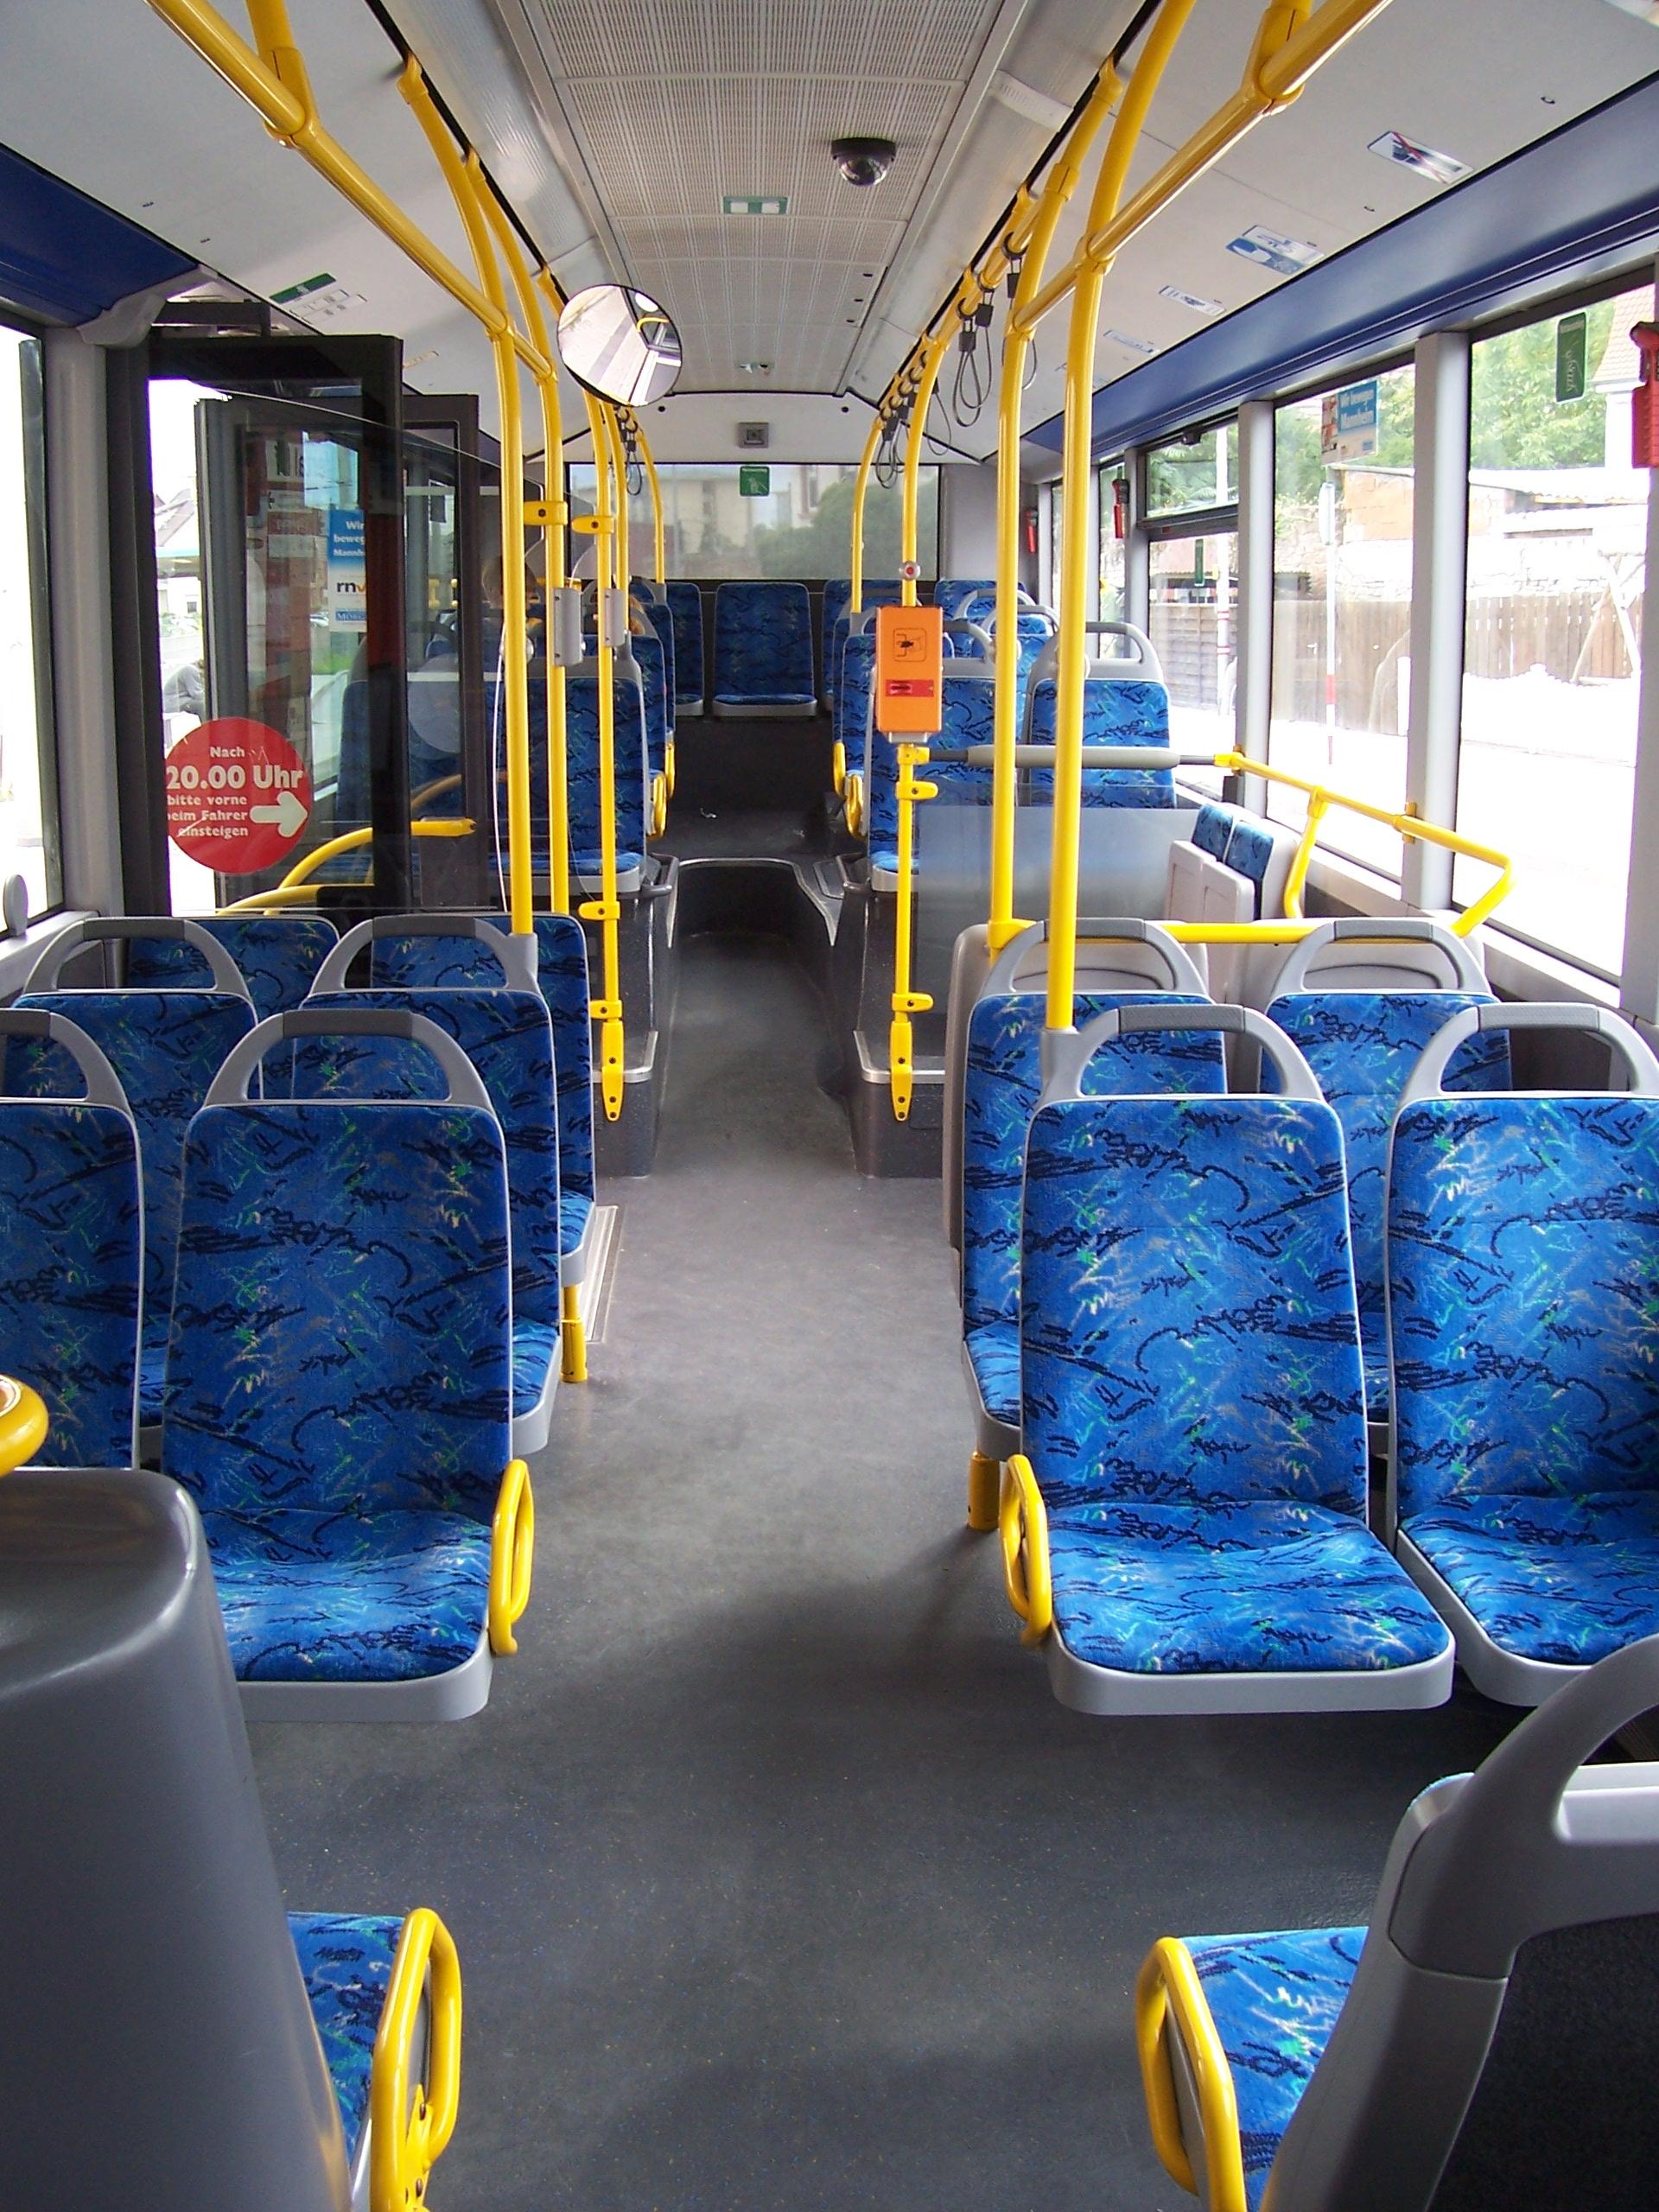 Bus Gare Aix Tgv Centre Ville